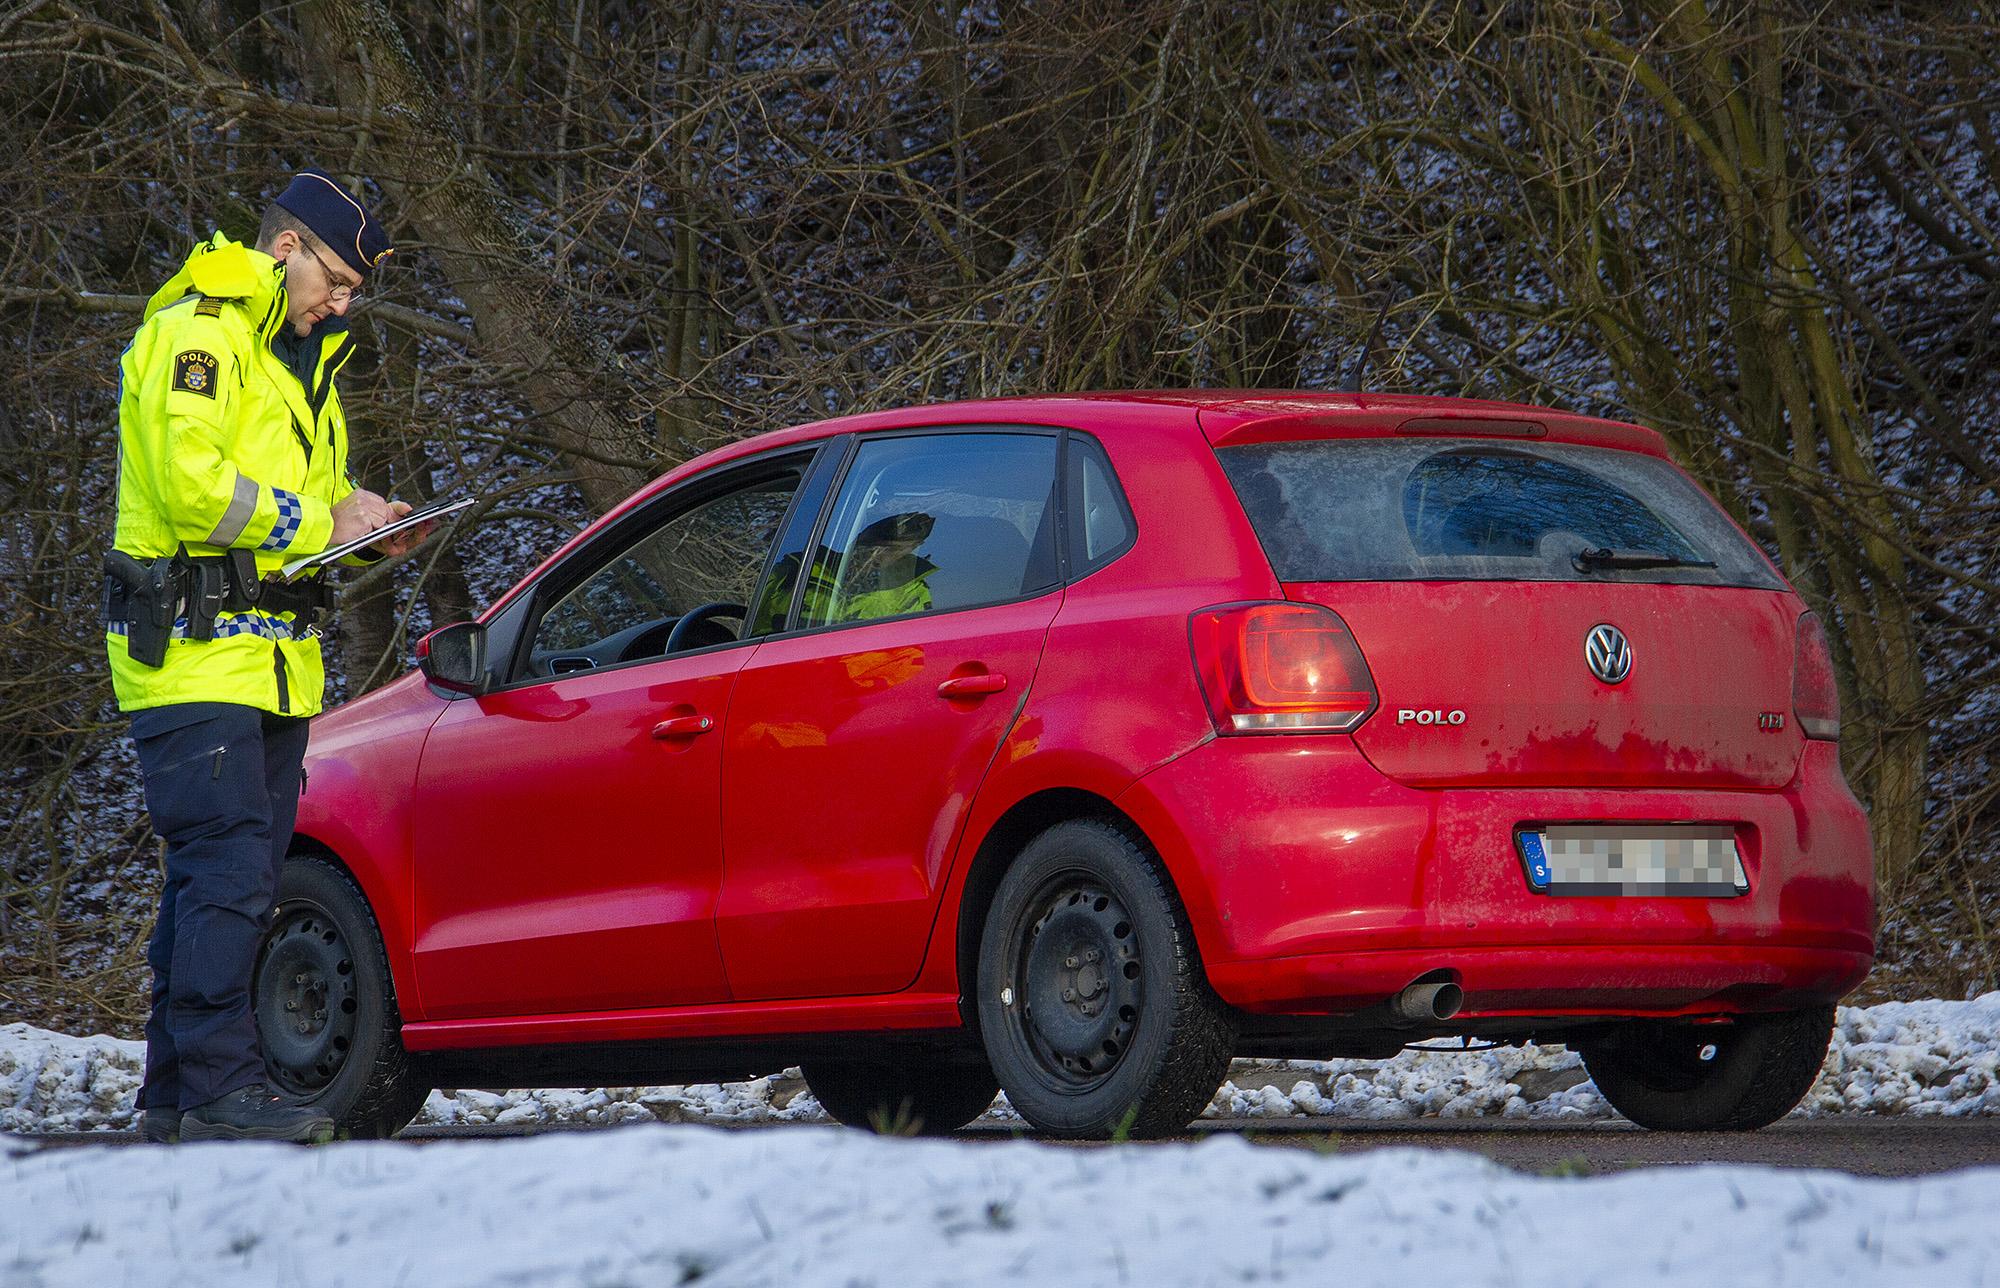 En av bilisterna som fick sitt körkort omhändertaget under gårdagen. Trafikpolis Farid Umeflods penna gick stundtals varm. Foto: Göran Rosengren